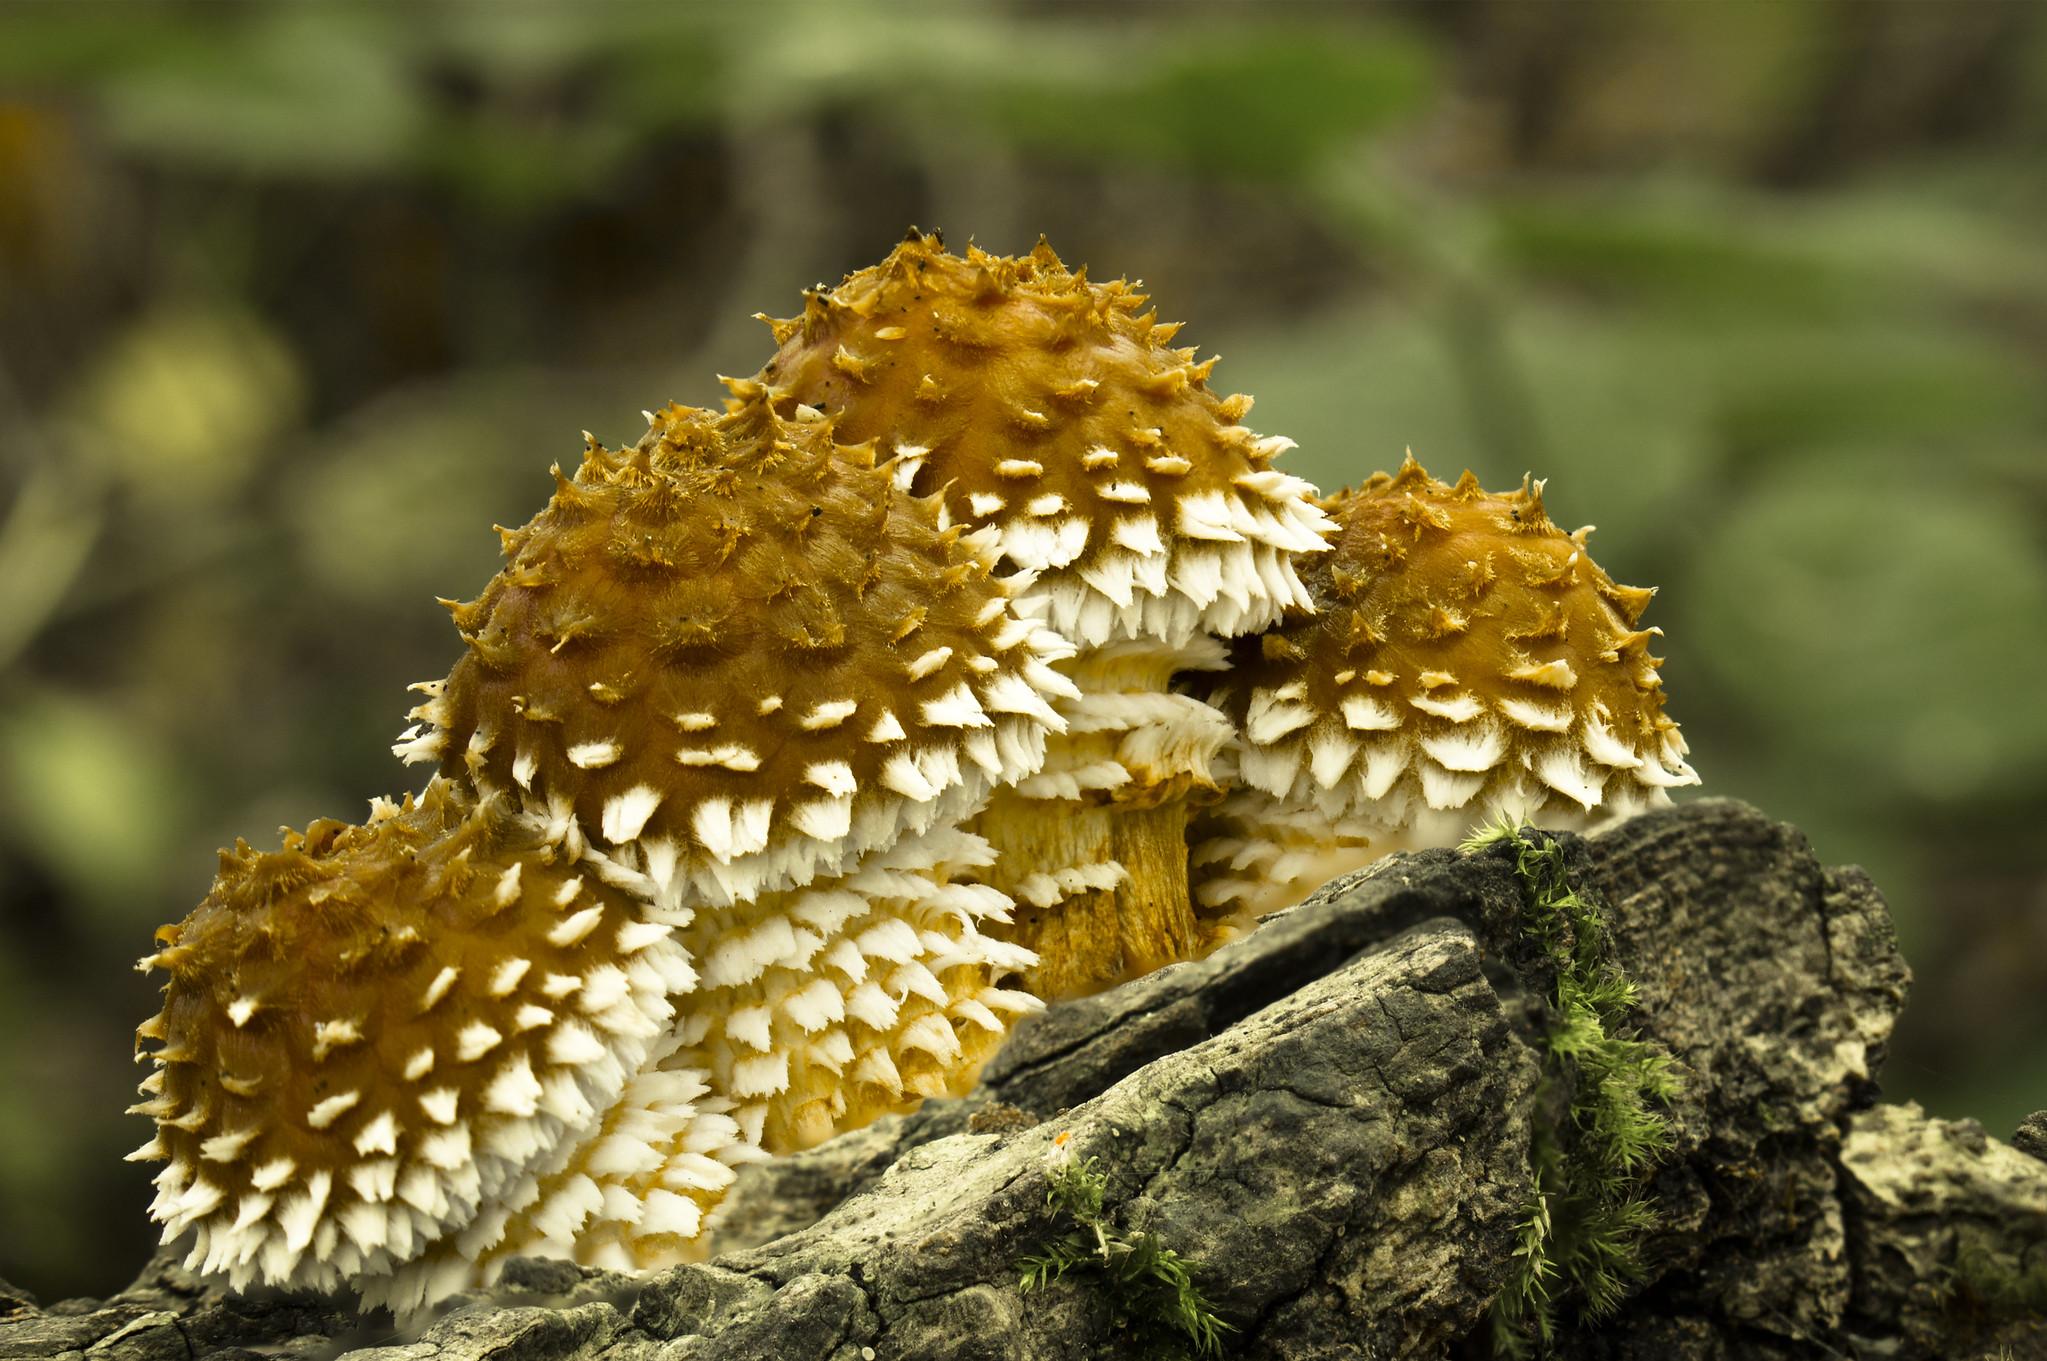 Golden Scalycaps